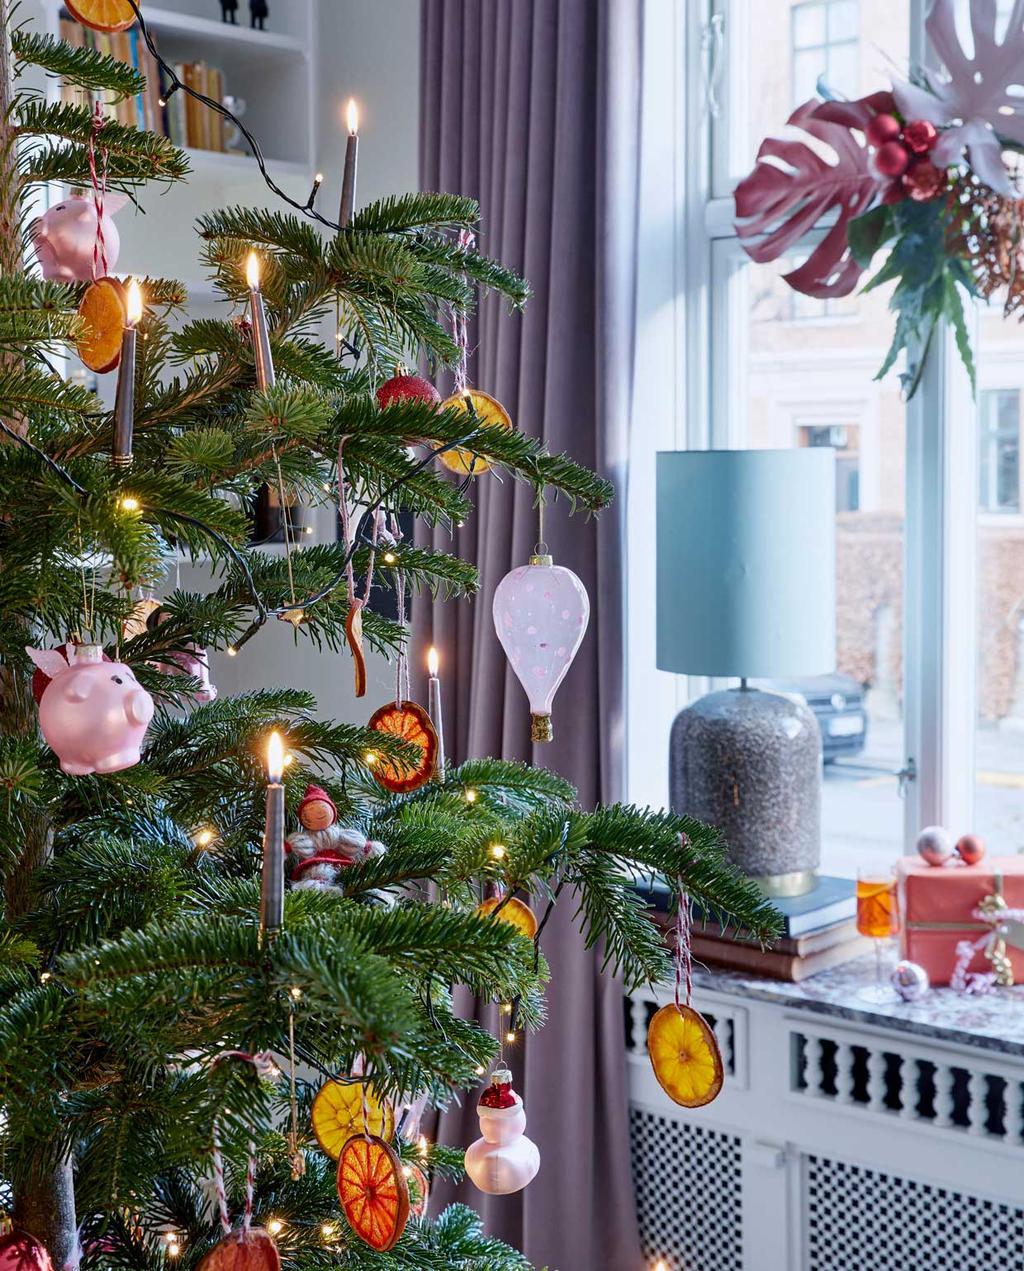 vtwonen 12-2020 BK special | binnenkijken in een kersthuis met versierde kerstboom